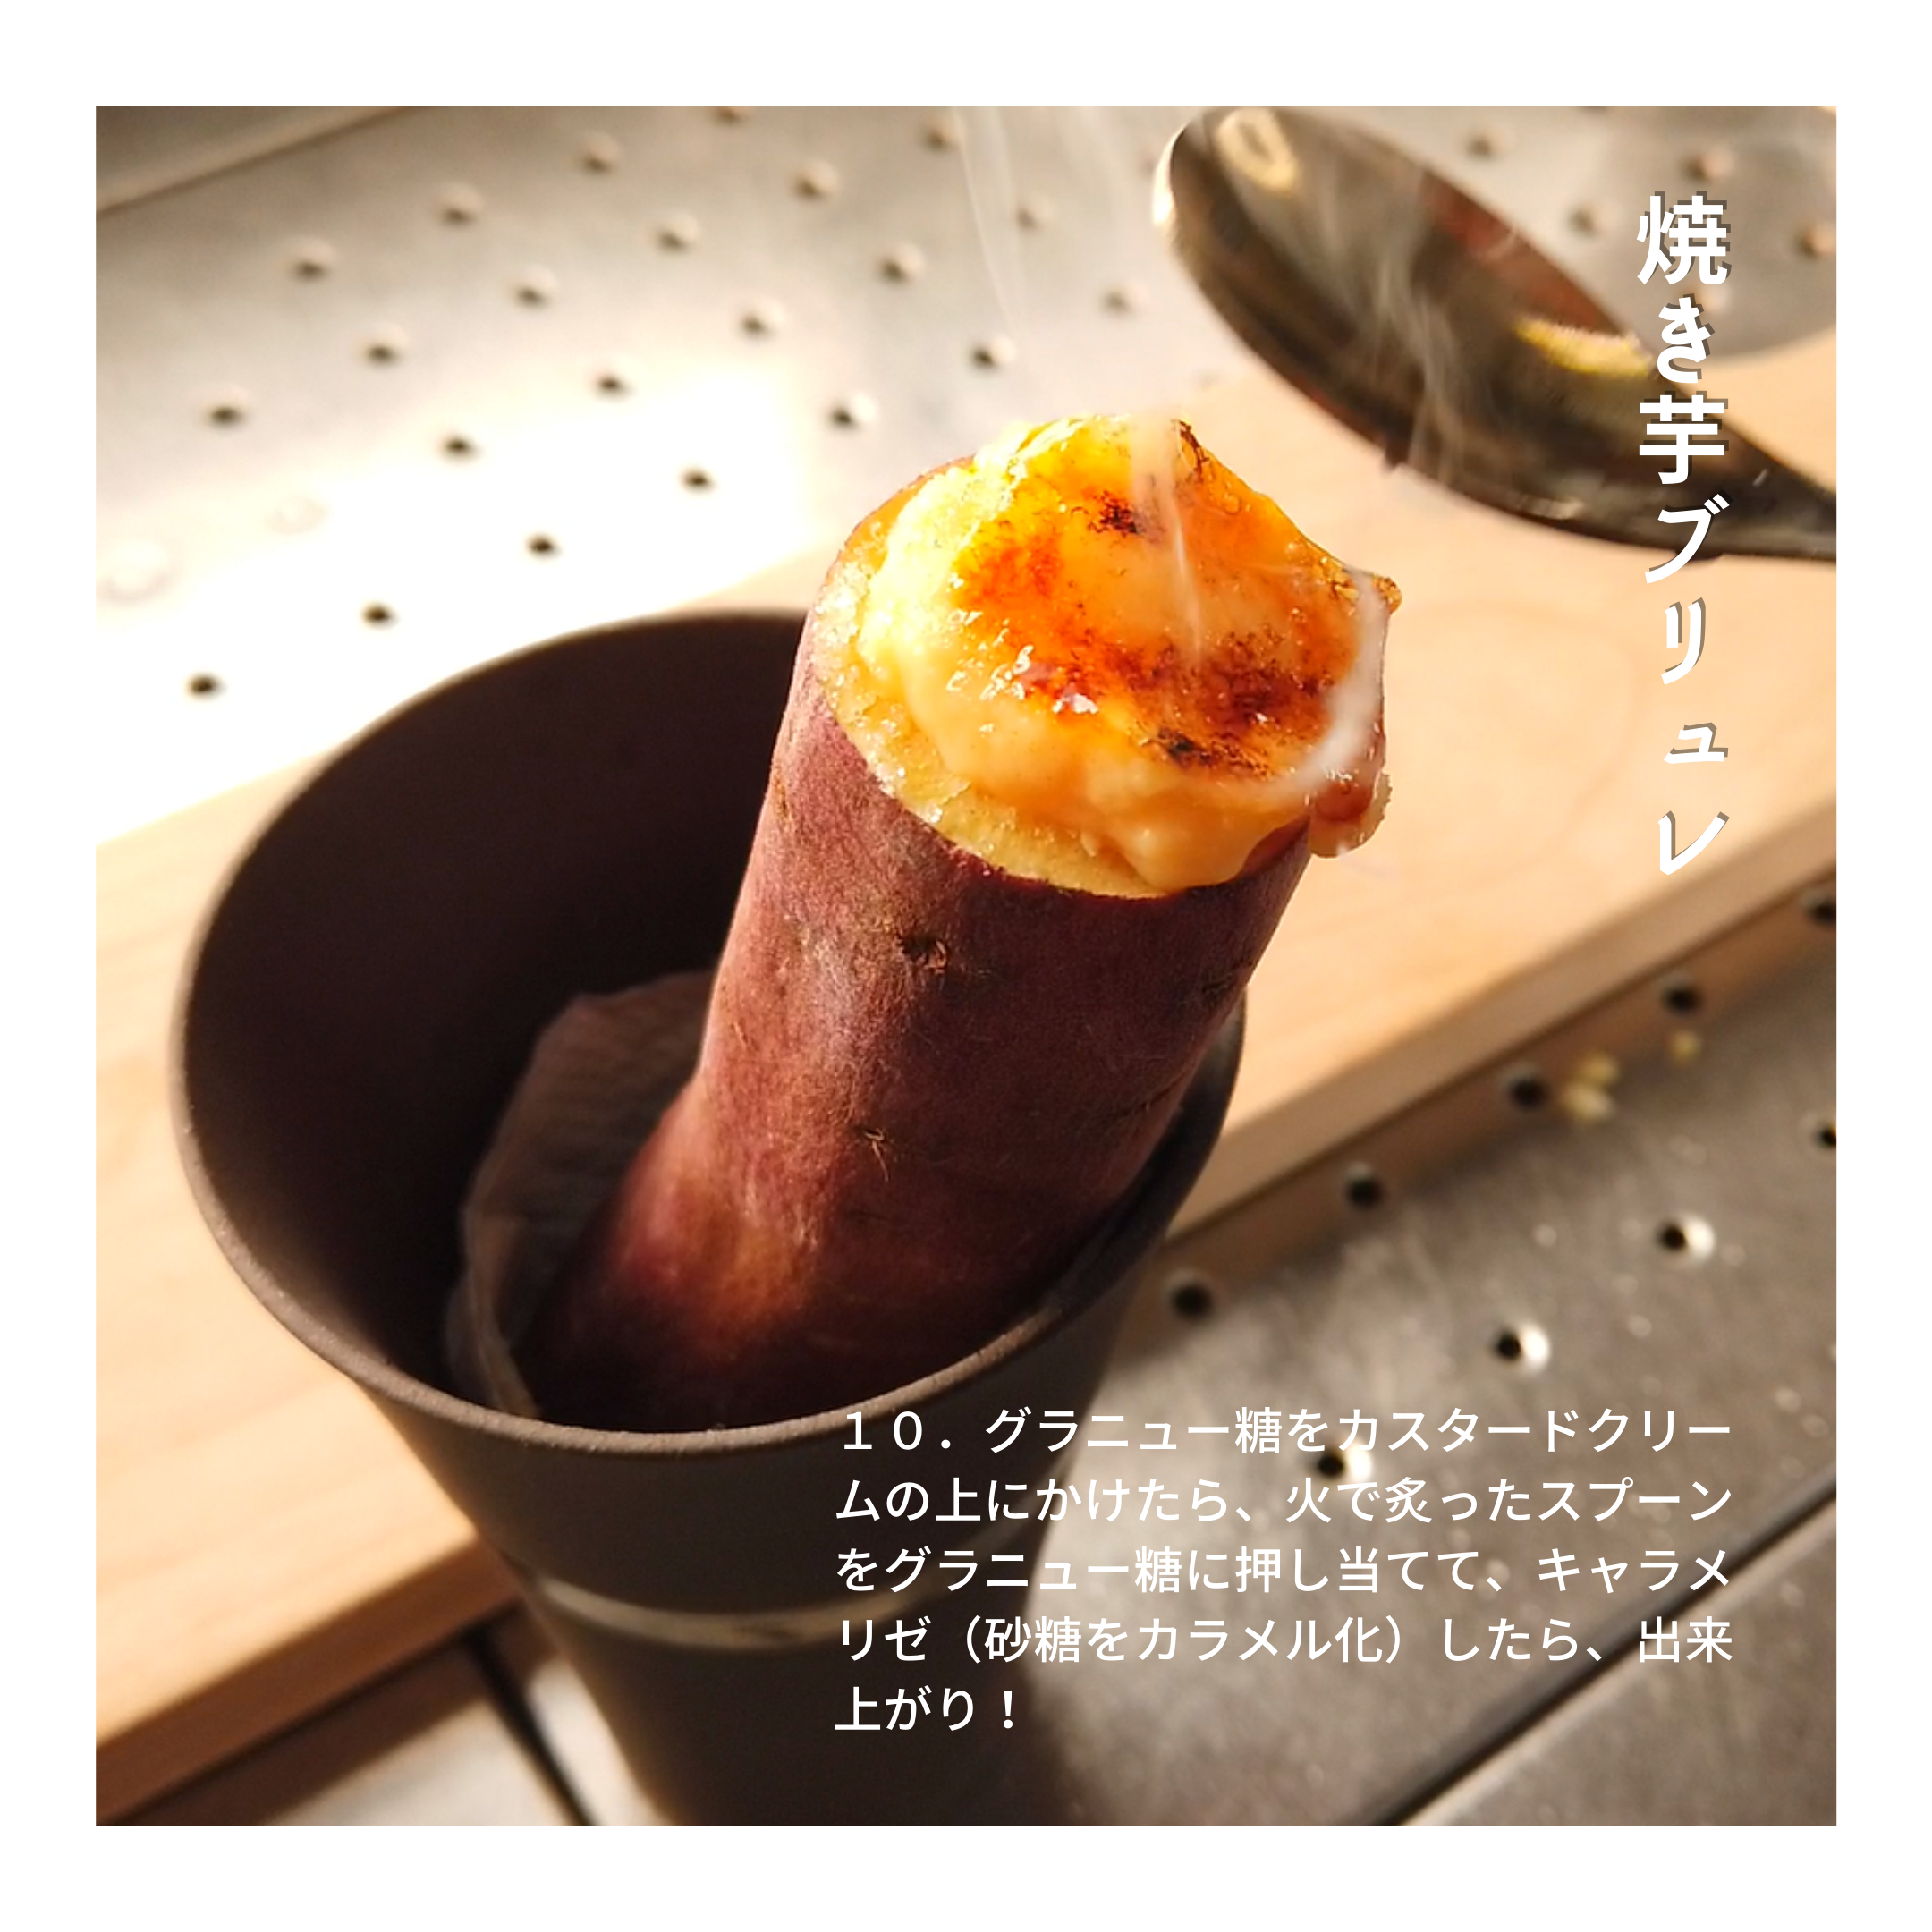 【焼き芋(壺芋)ブリュレの作り方】10.グラニュー糖をカスタードクリームの上にかけたら、火で炙ったスプーンをグラニュー糖に押し当てて、キャラメリゼ(砂糖をカラメル化)したら、出来上がり!